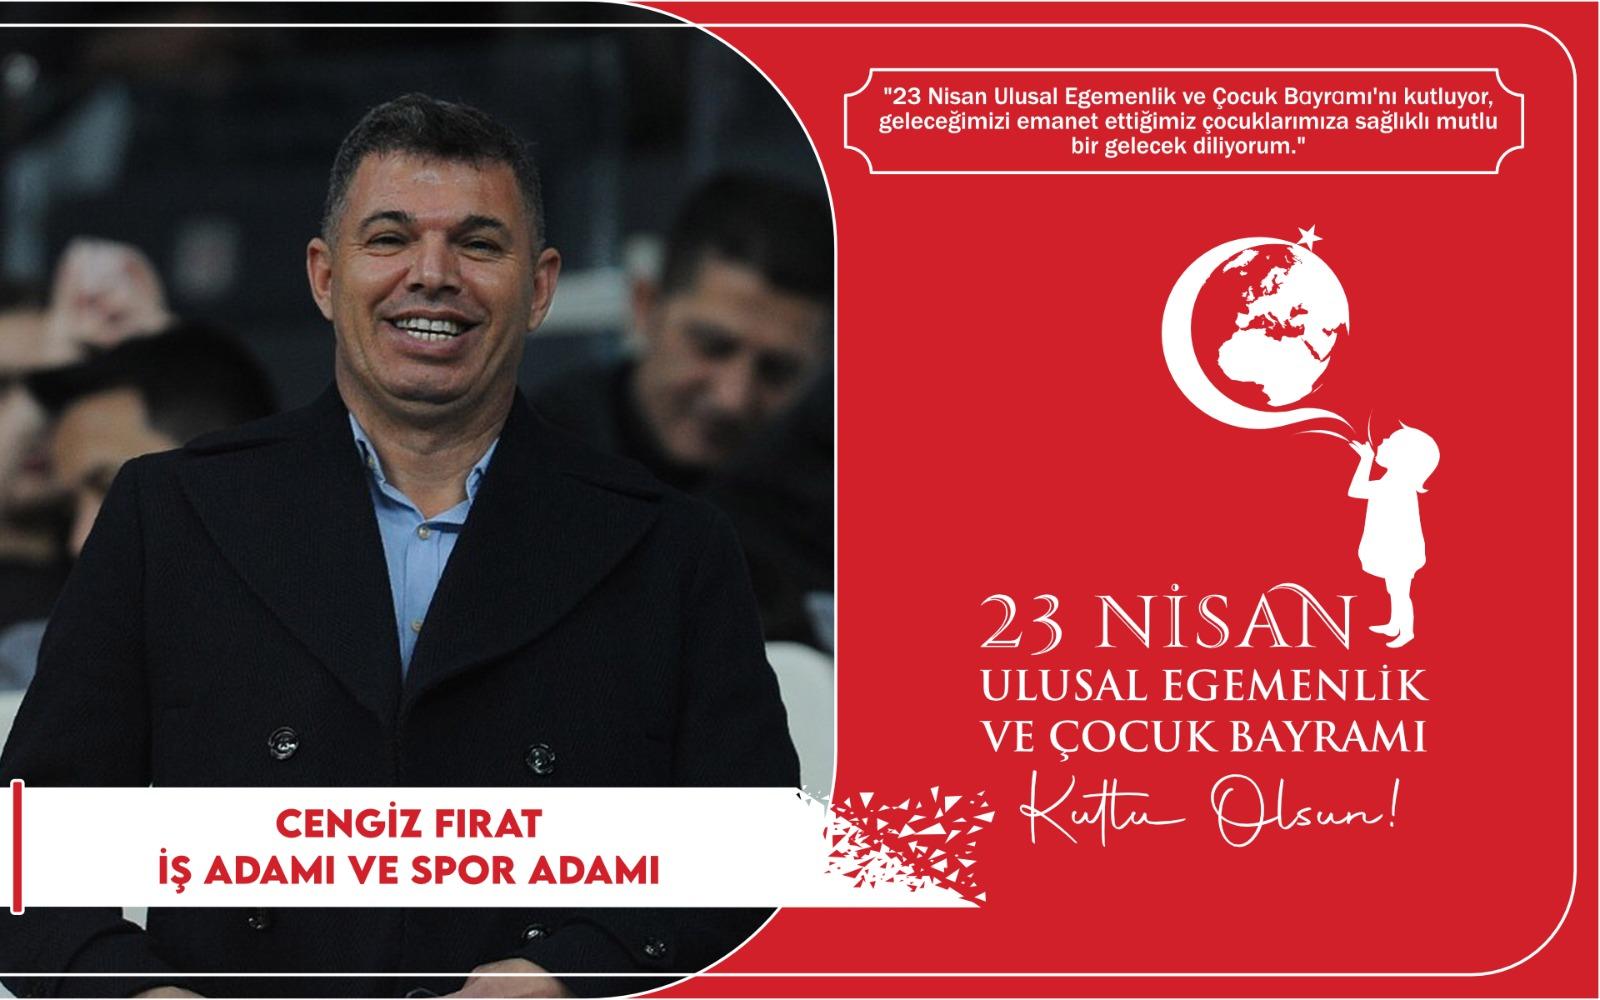 Cengiz Fırat'tan Kutlama Mesajı